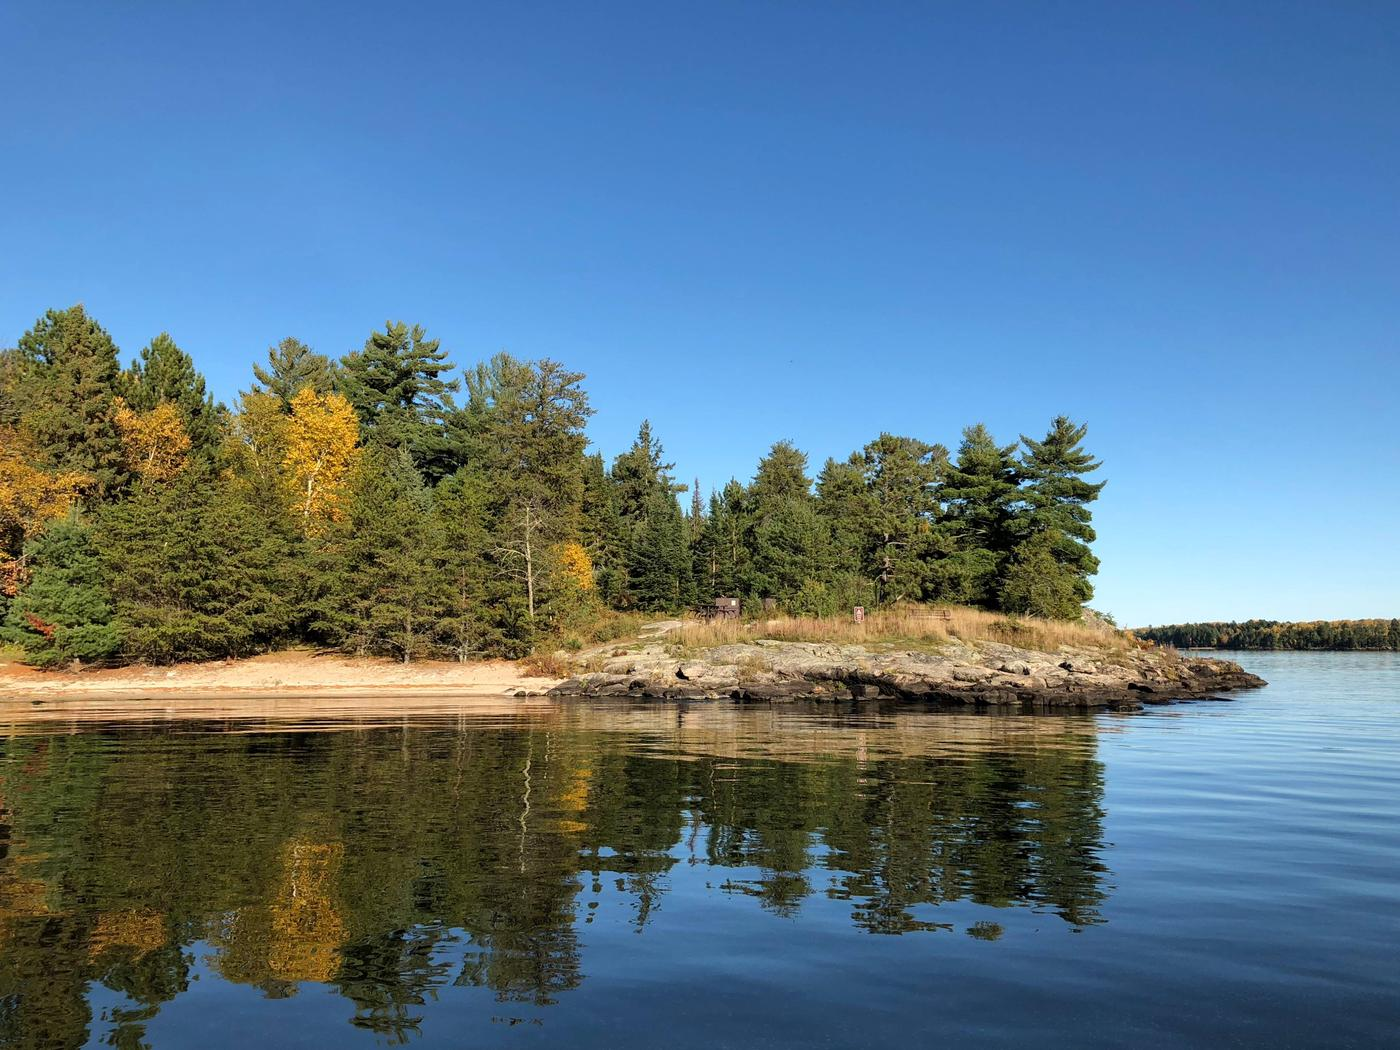 K55 - Marrs PointK55 - Marrs Point campsite on Kabteogama Lake